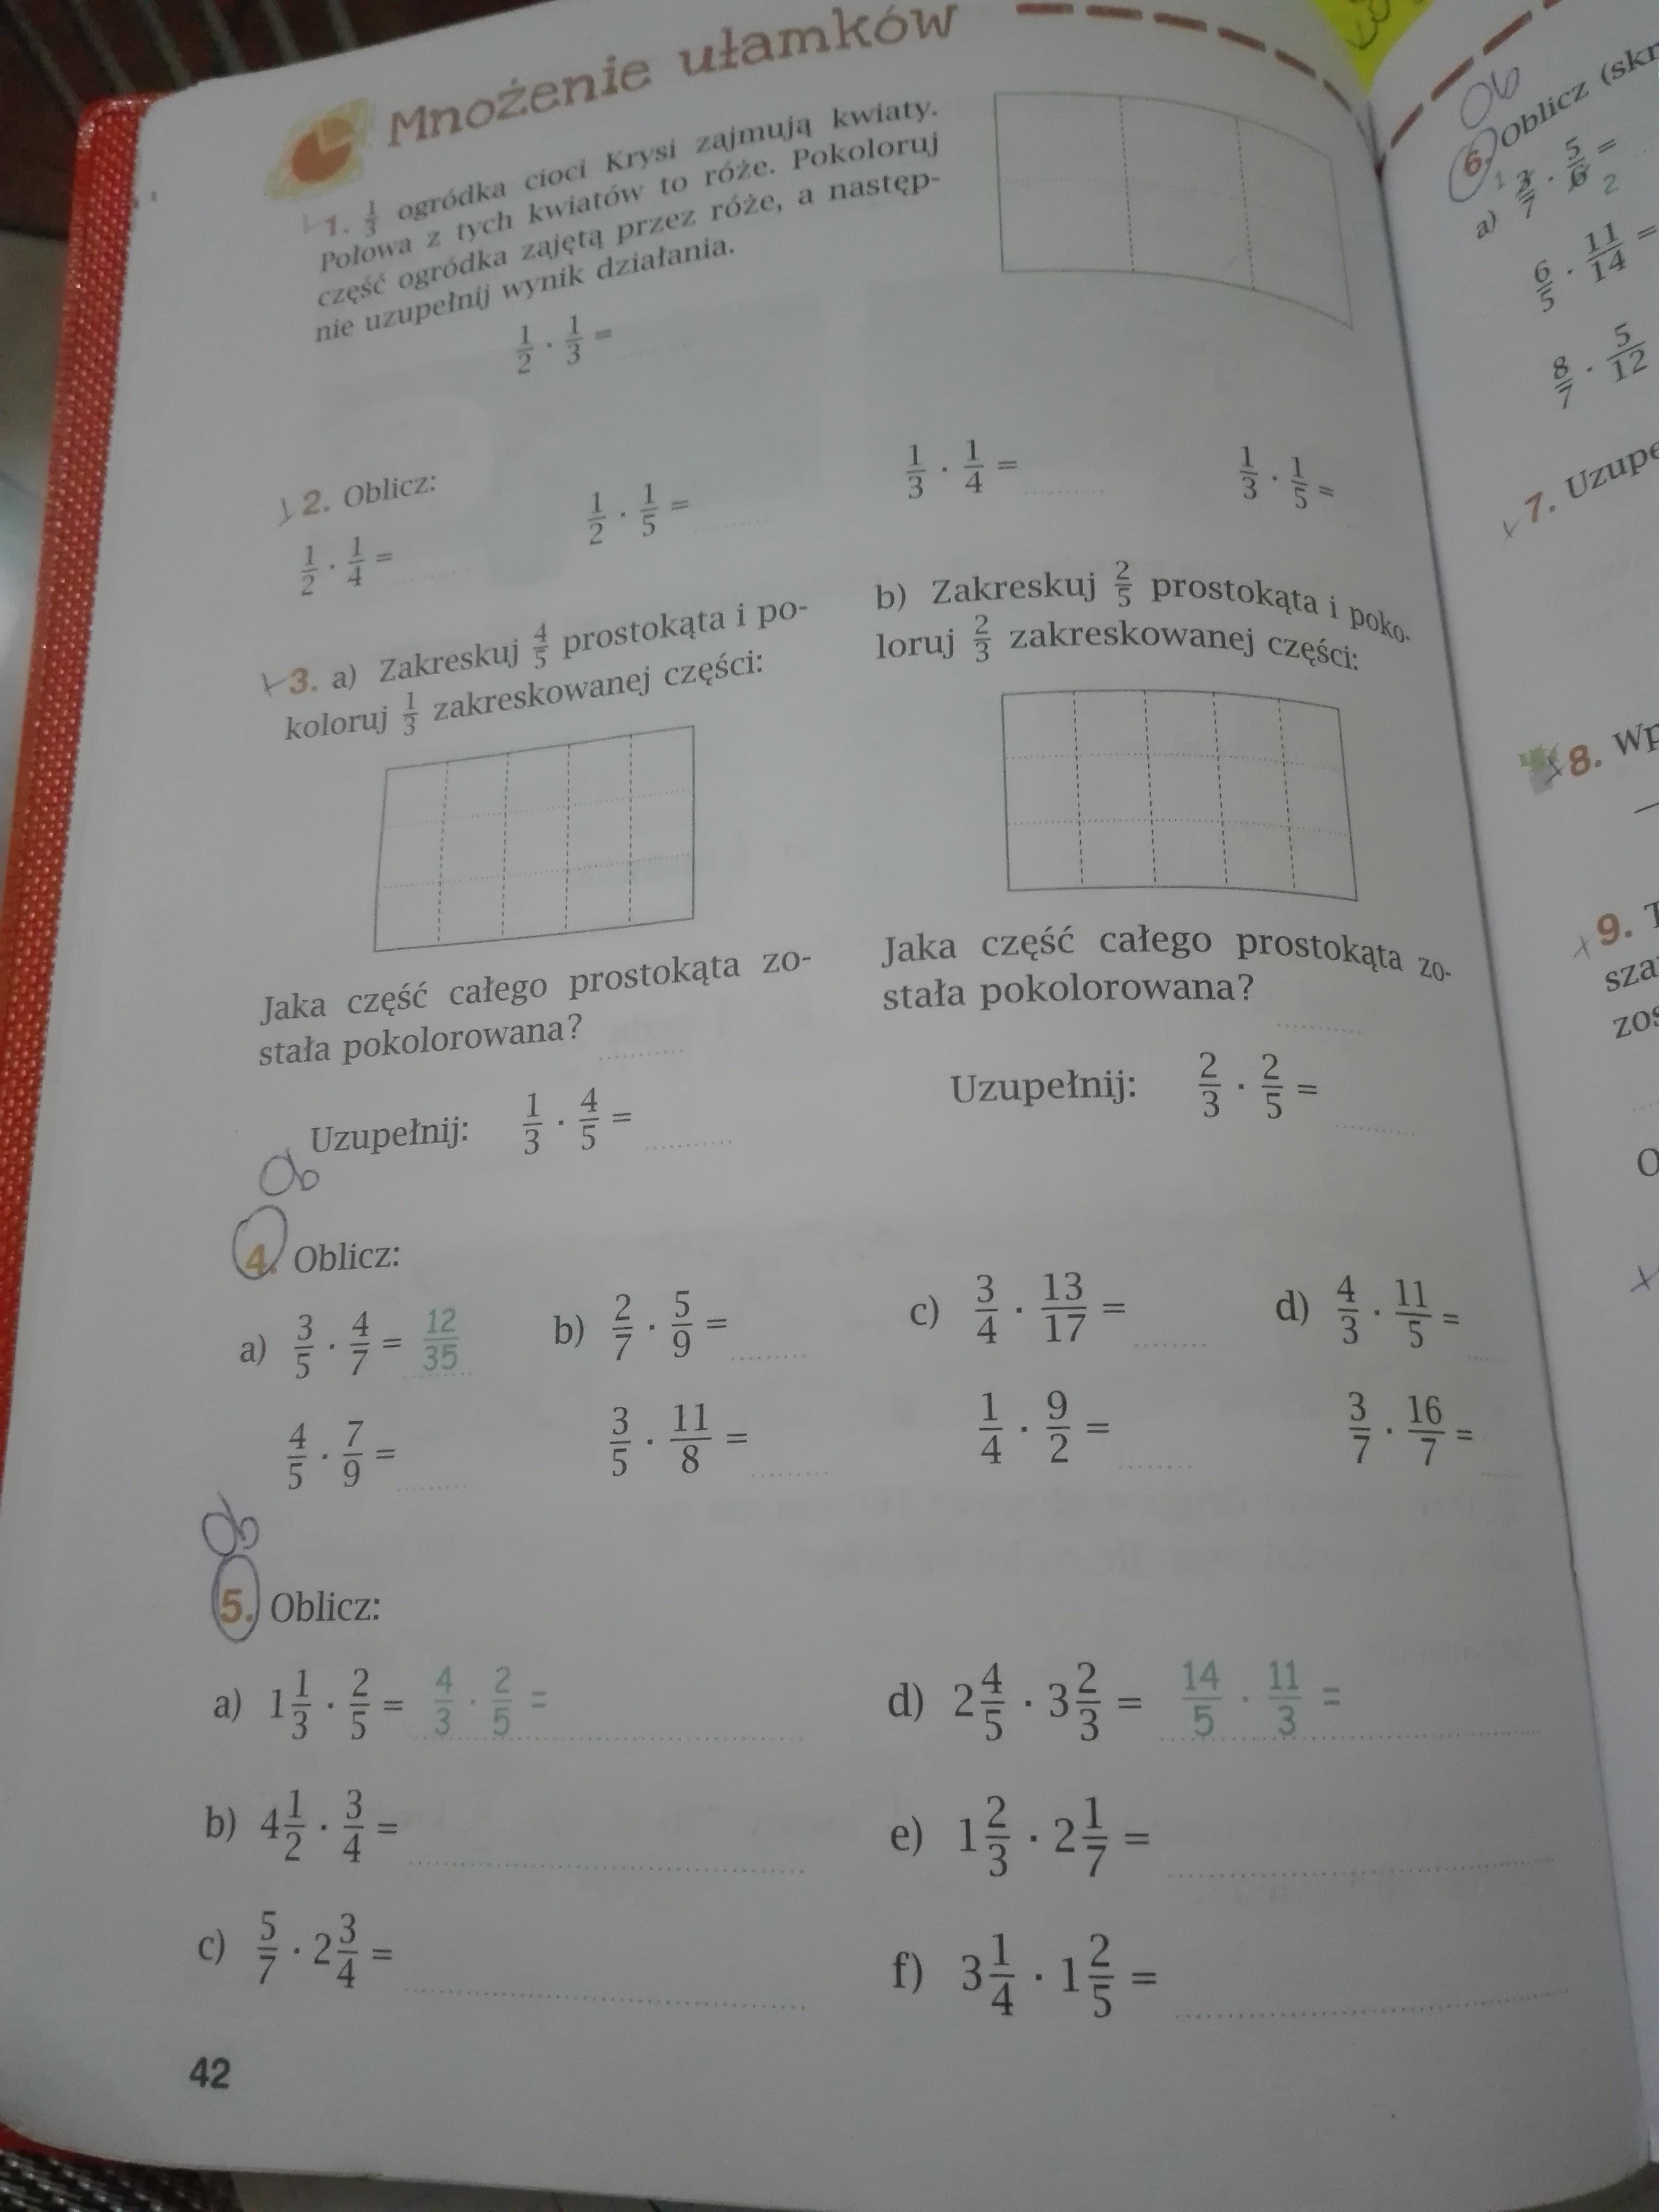 matematyka 2001 klasa 6 ćwiczenia część 2 odpowiedzi